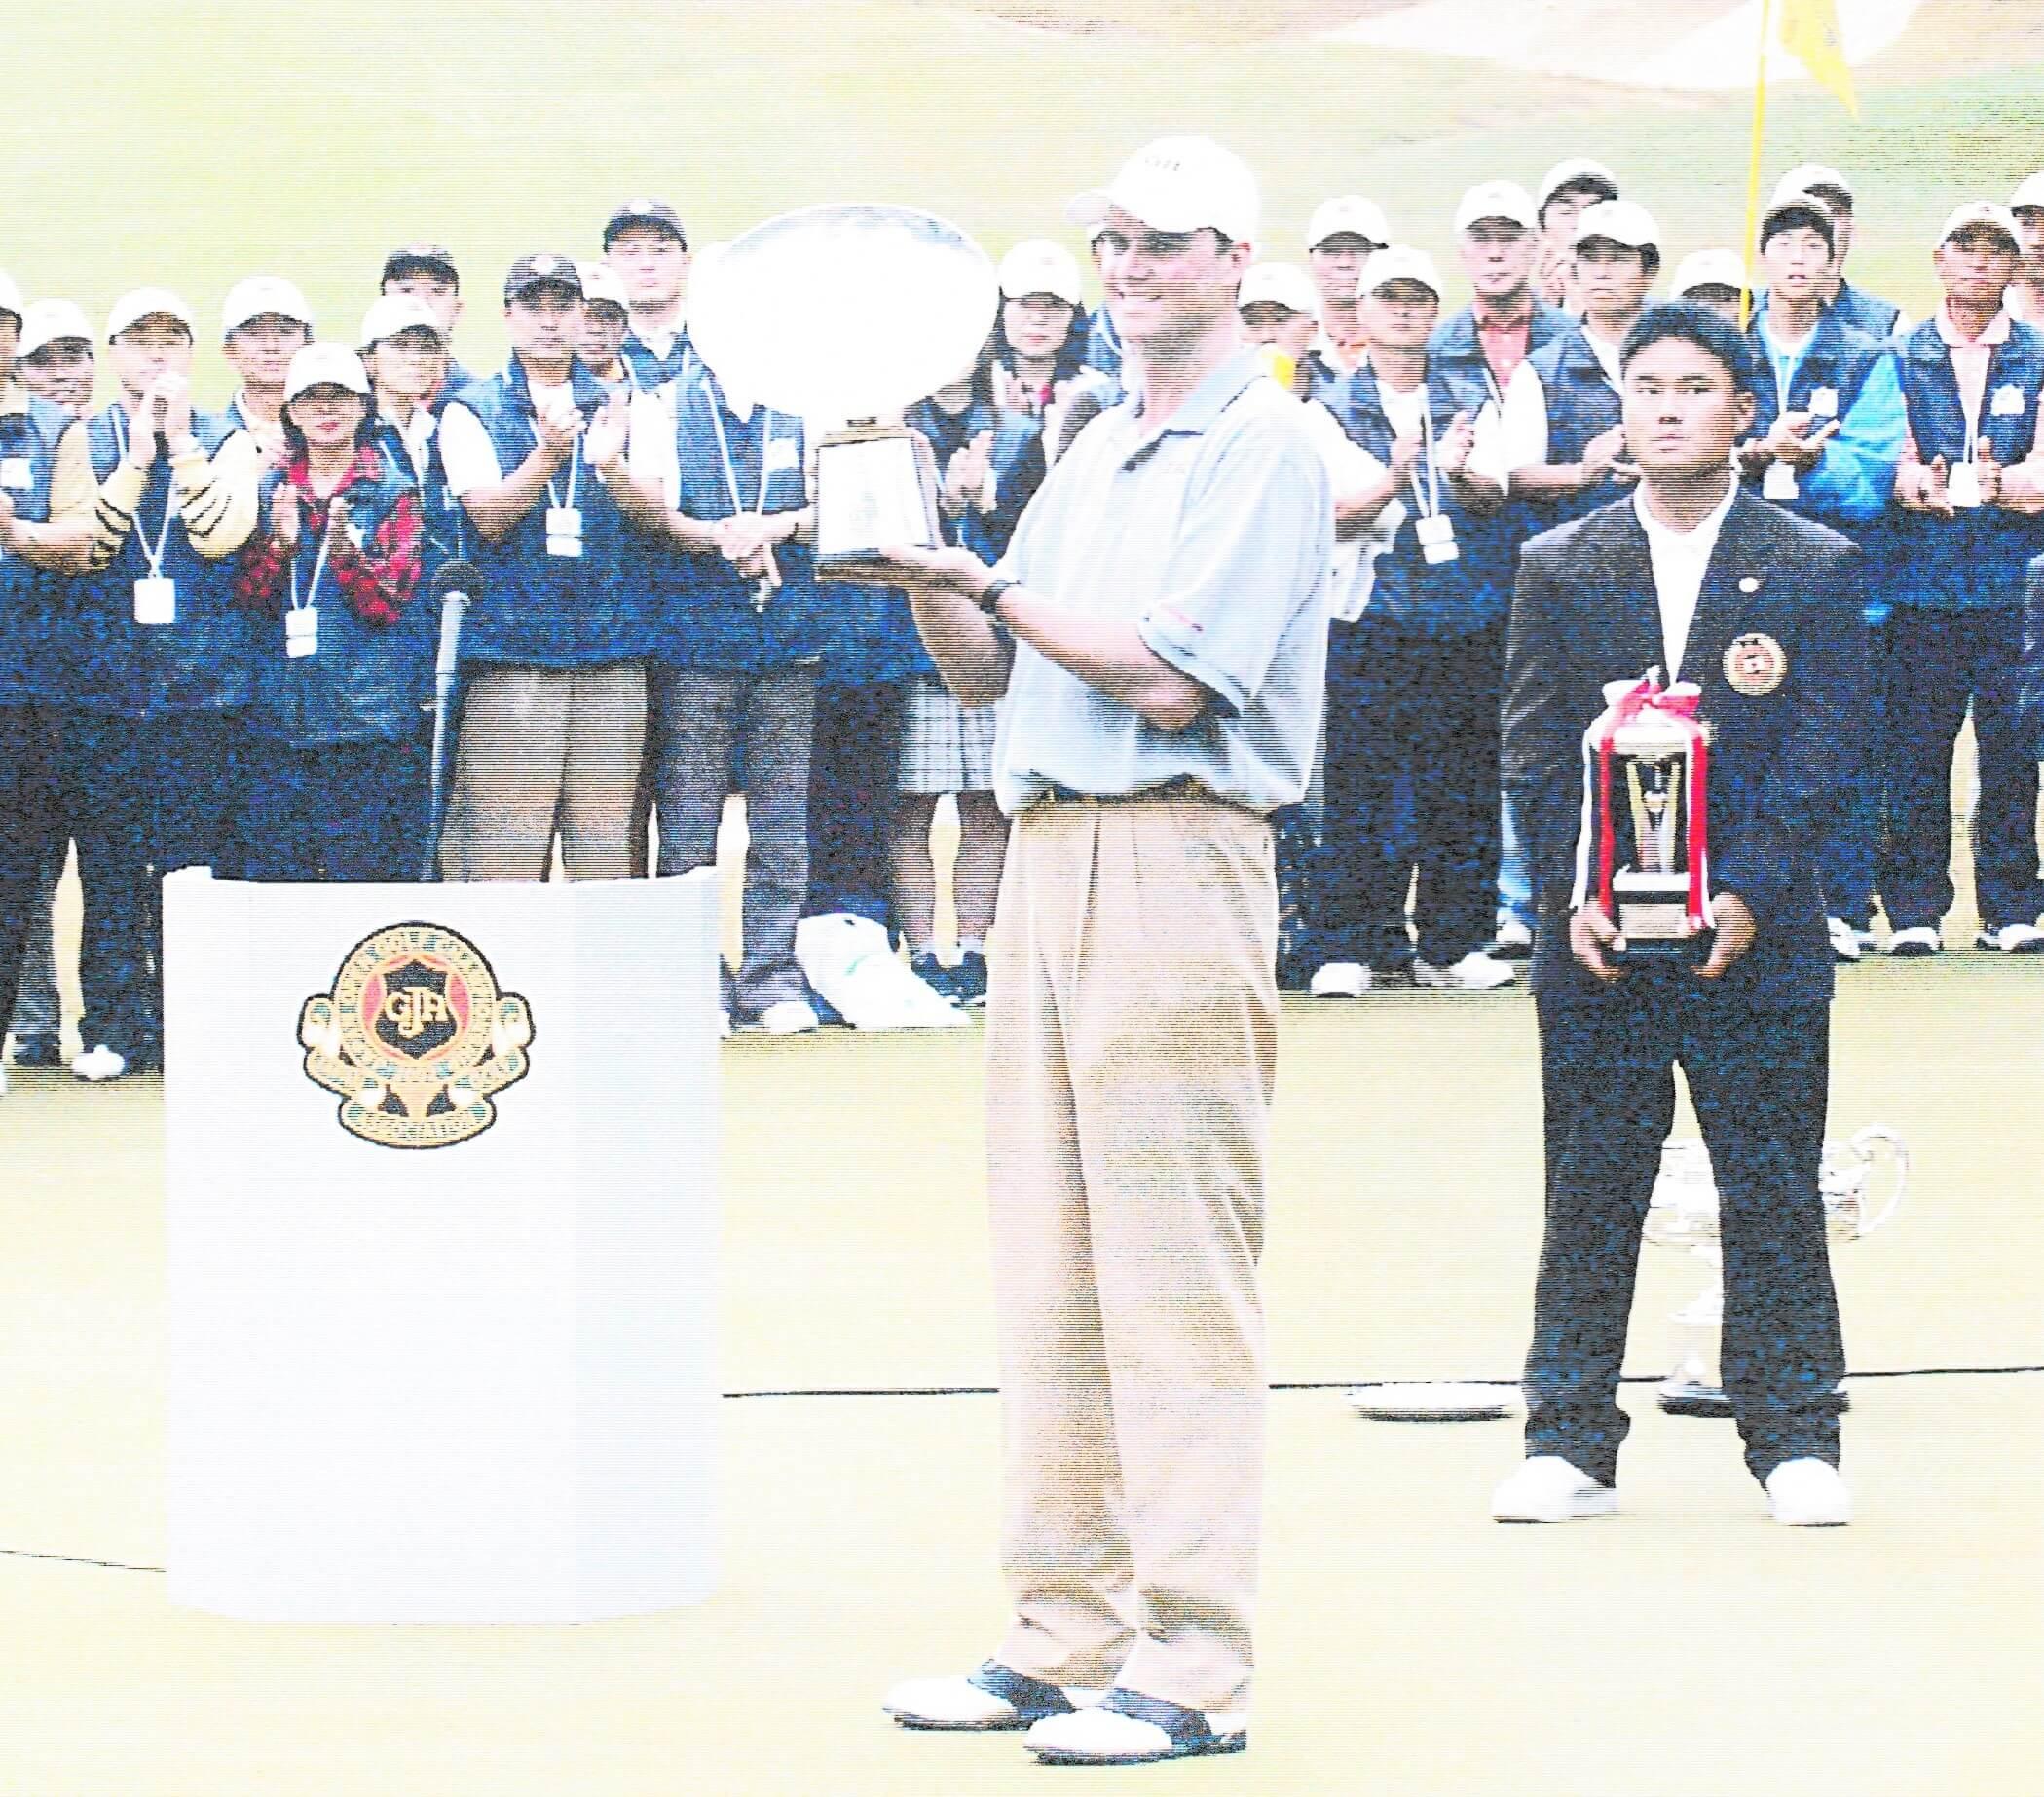 「第67回日本オープンゴルフ選手権」開催画像